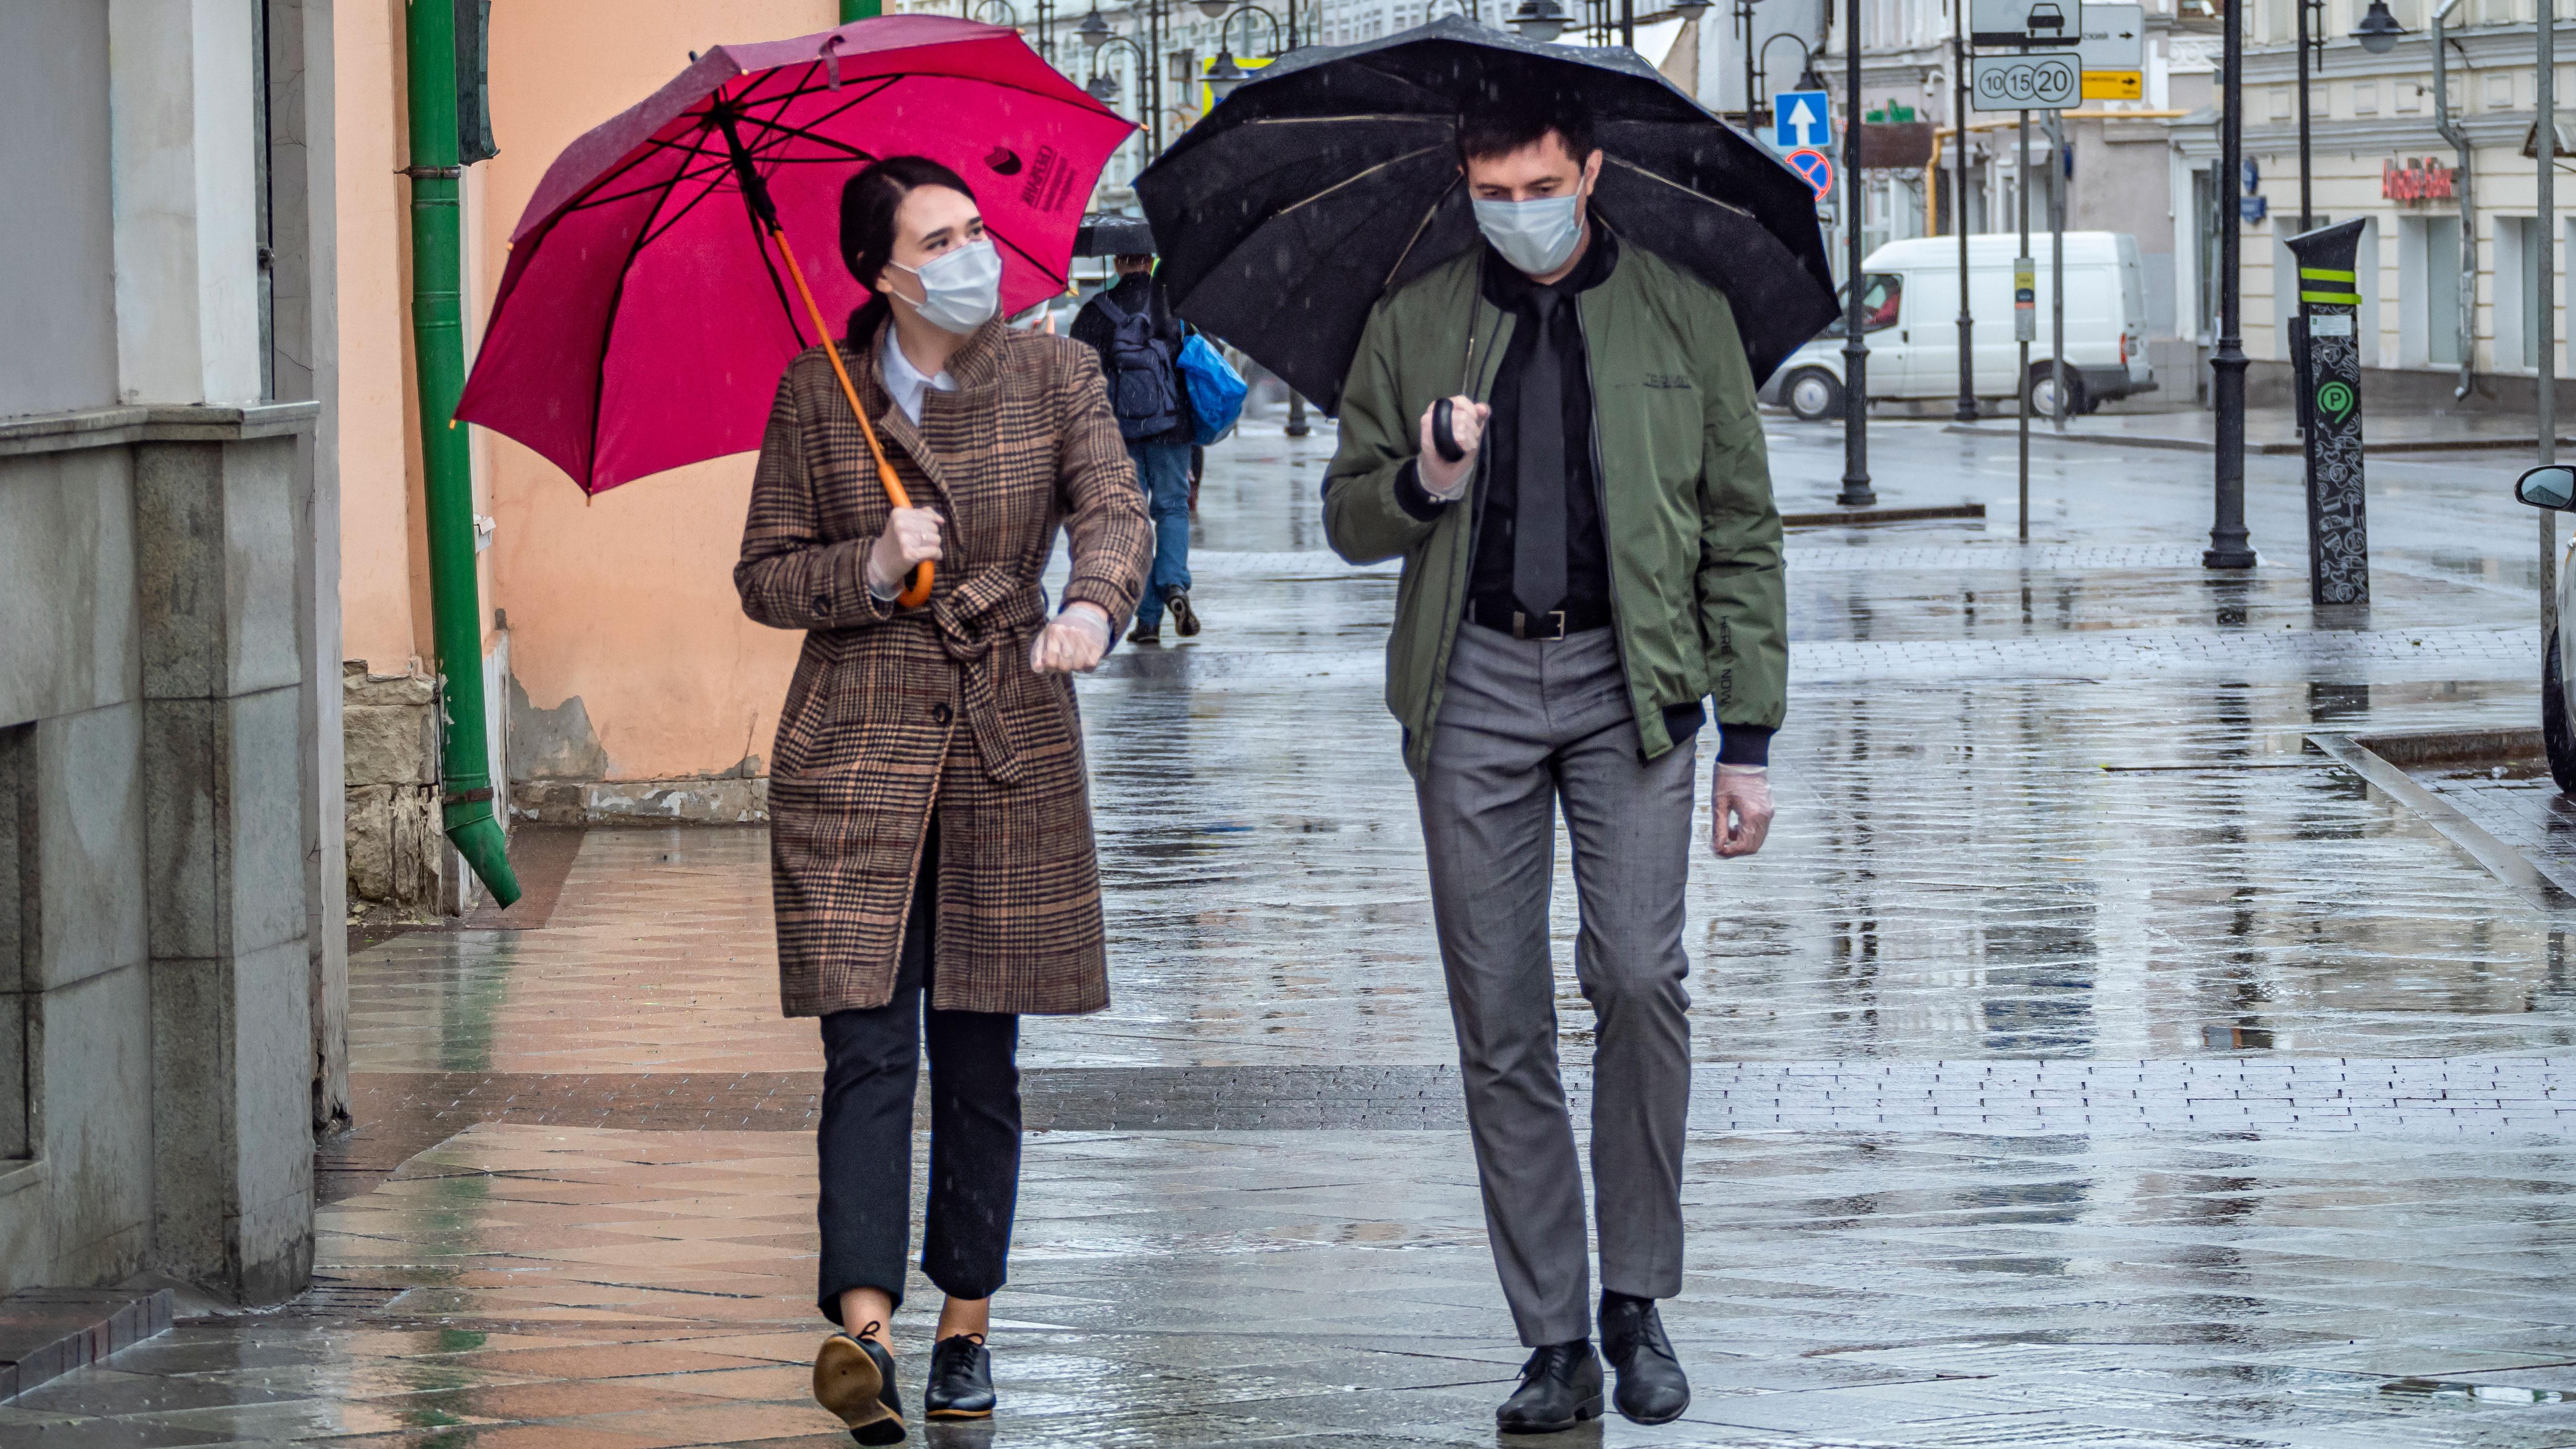 «Желтый» уровень погодной опасности объявили в Москве и Подмосковье из-за дождя